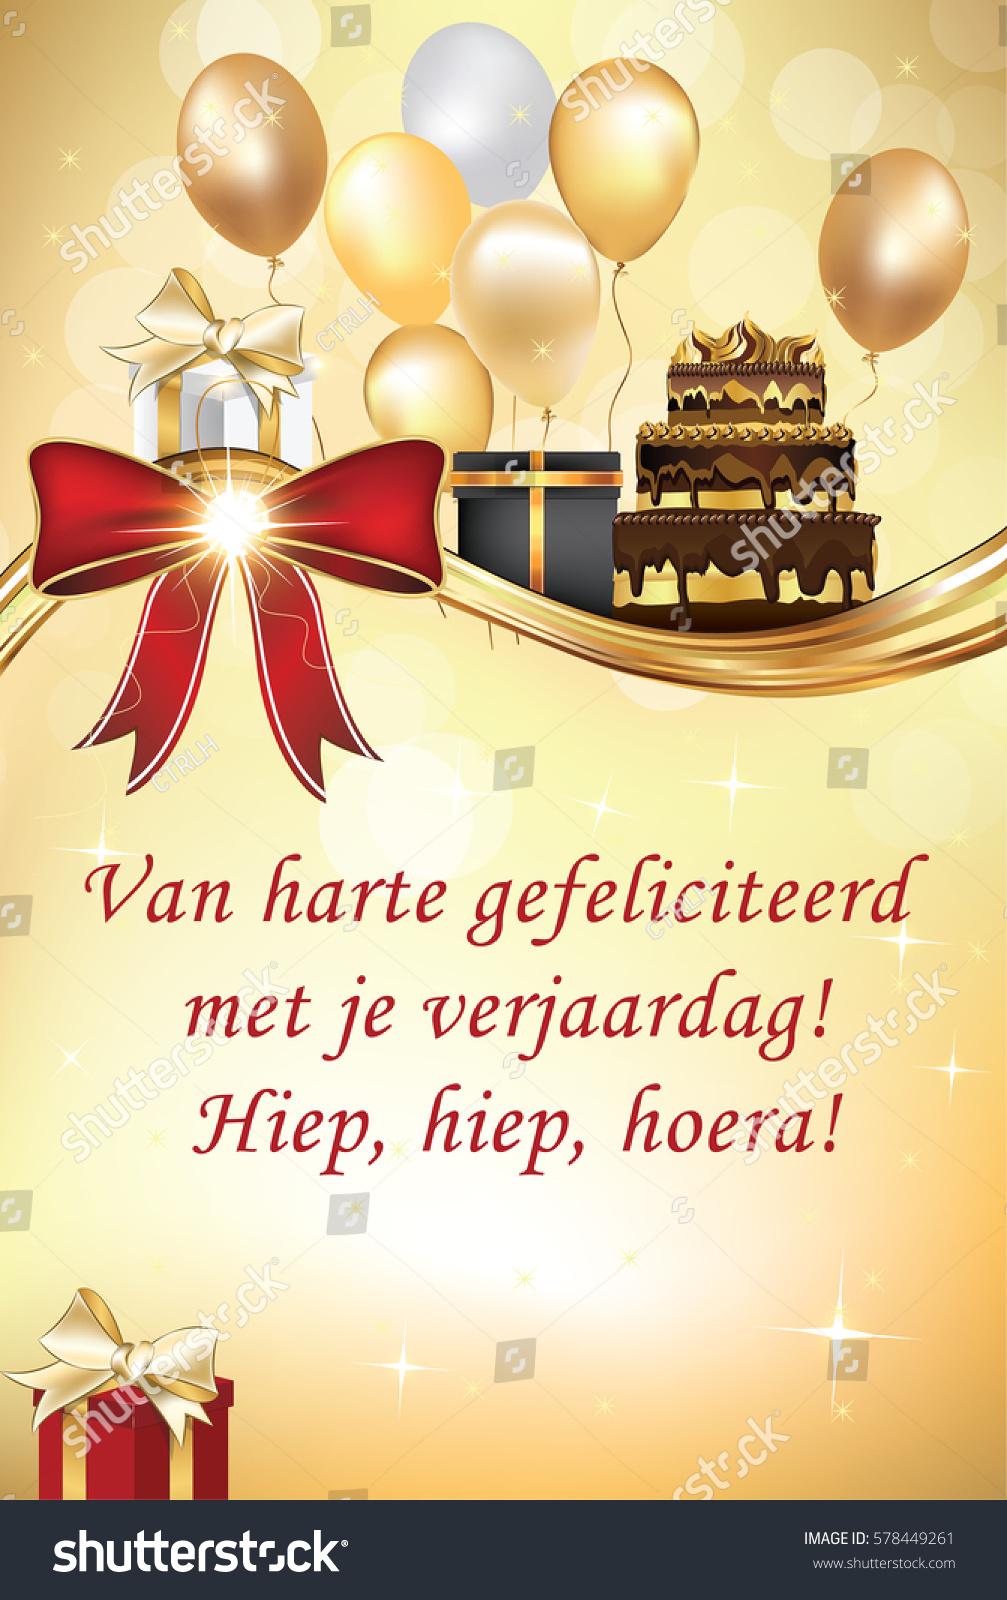 hartelijk gefeliciteerd met jouw verjaardag Dutch Happy Birthday Greeting Card Congratulations Stock  hartelijk gefeliciteerd met jouw verjaardag